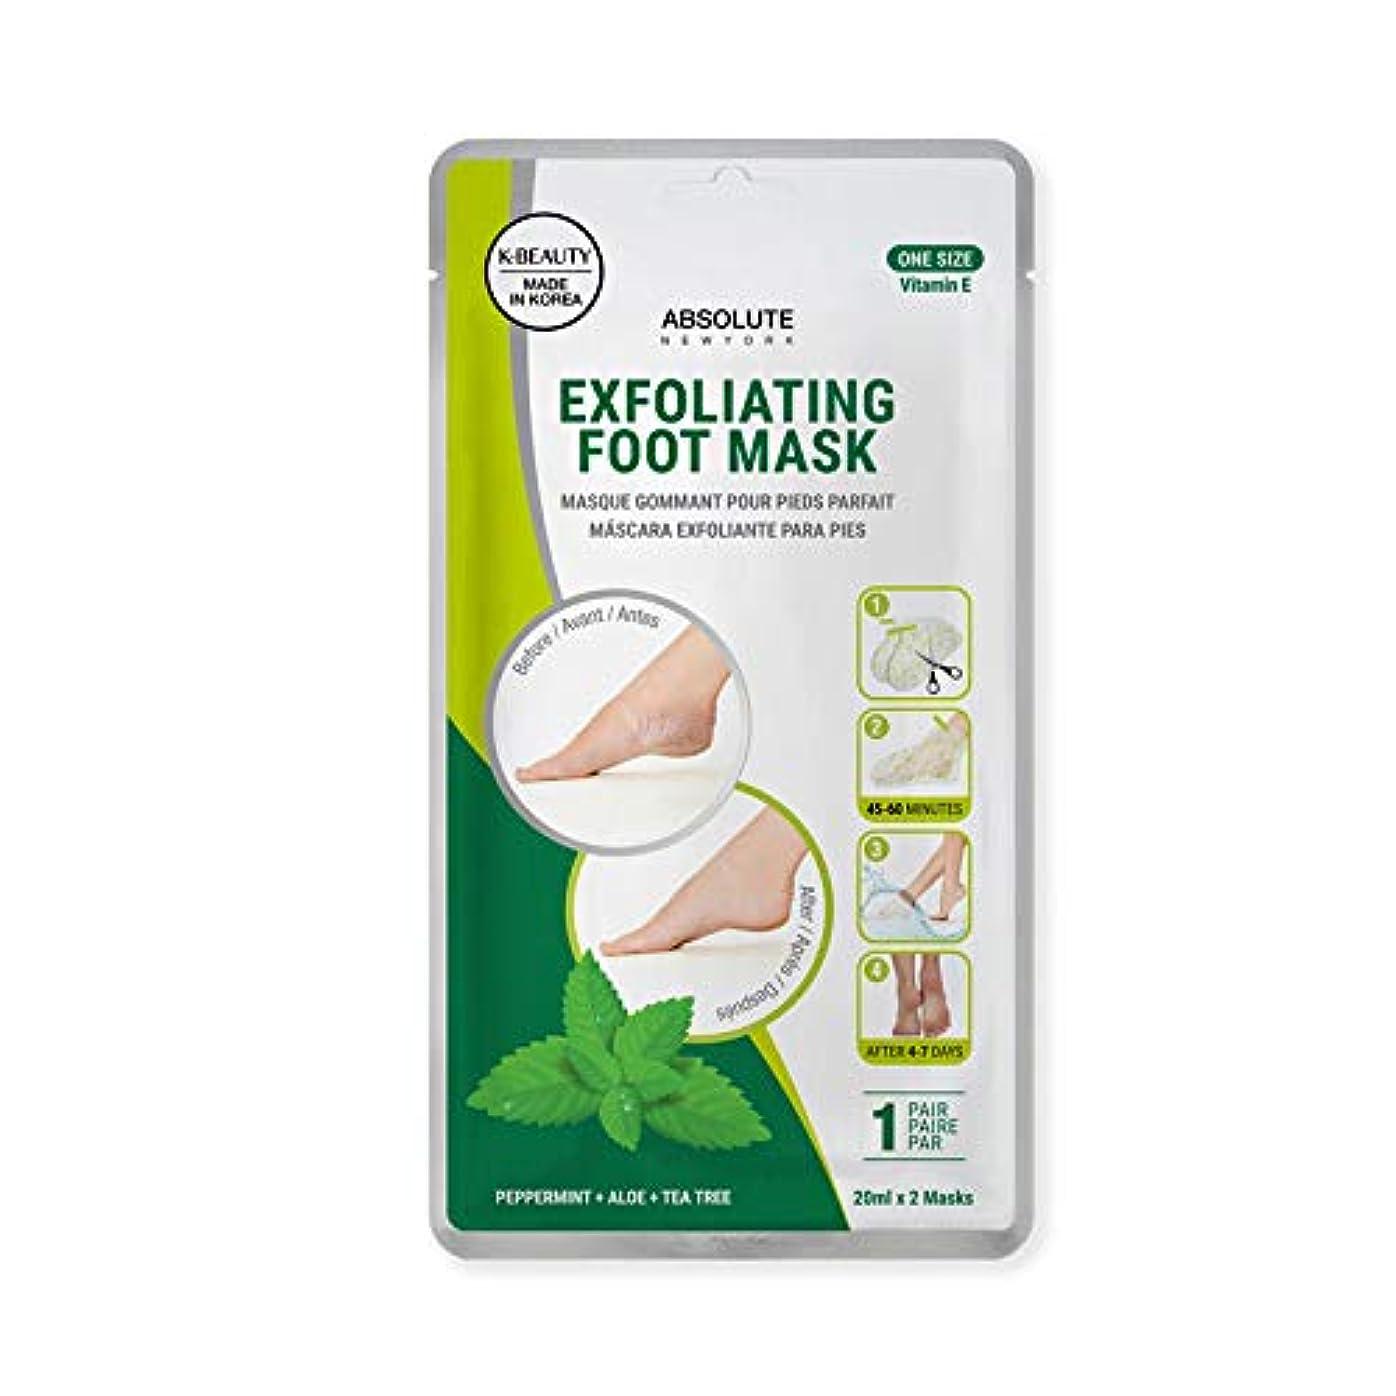 雪のである差し引く(6 Pack) ABSOLUTE Exfoliating Foot Mask - Peppermint + Aloe + Tea Tree (並行輸入品)